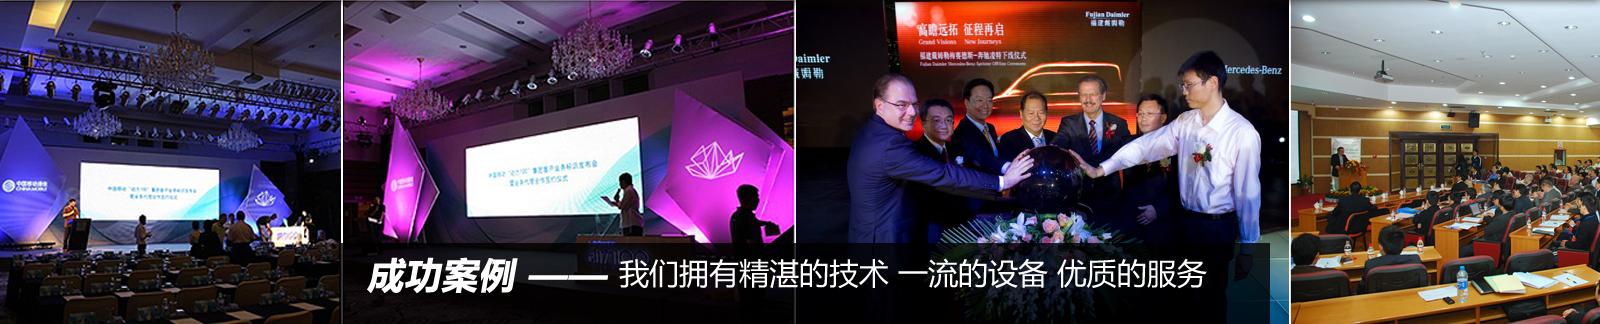 ca88亚洲城娱乐最新备用网址下载_广州亚洲城备用网址租赁